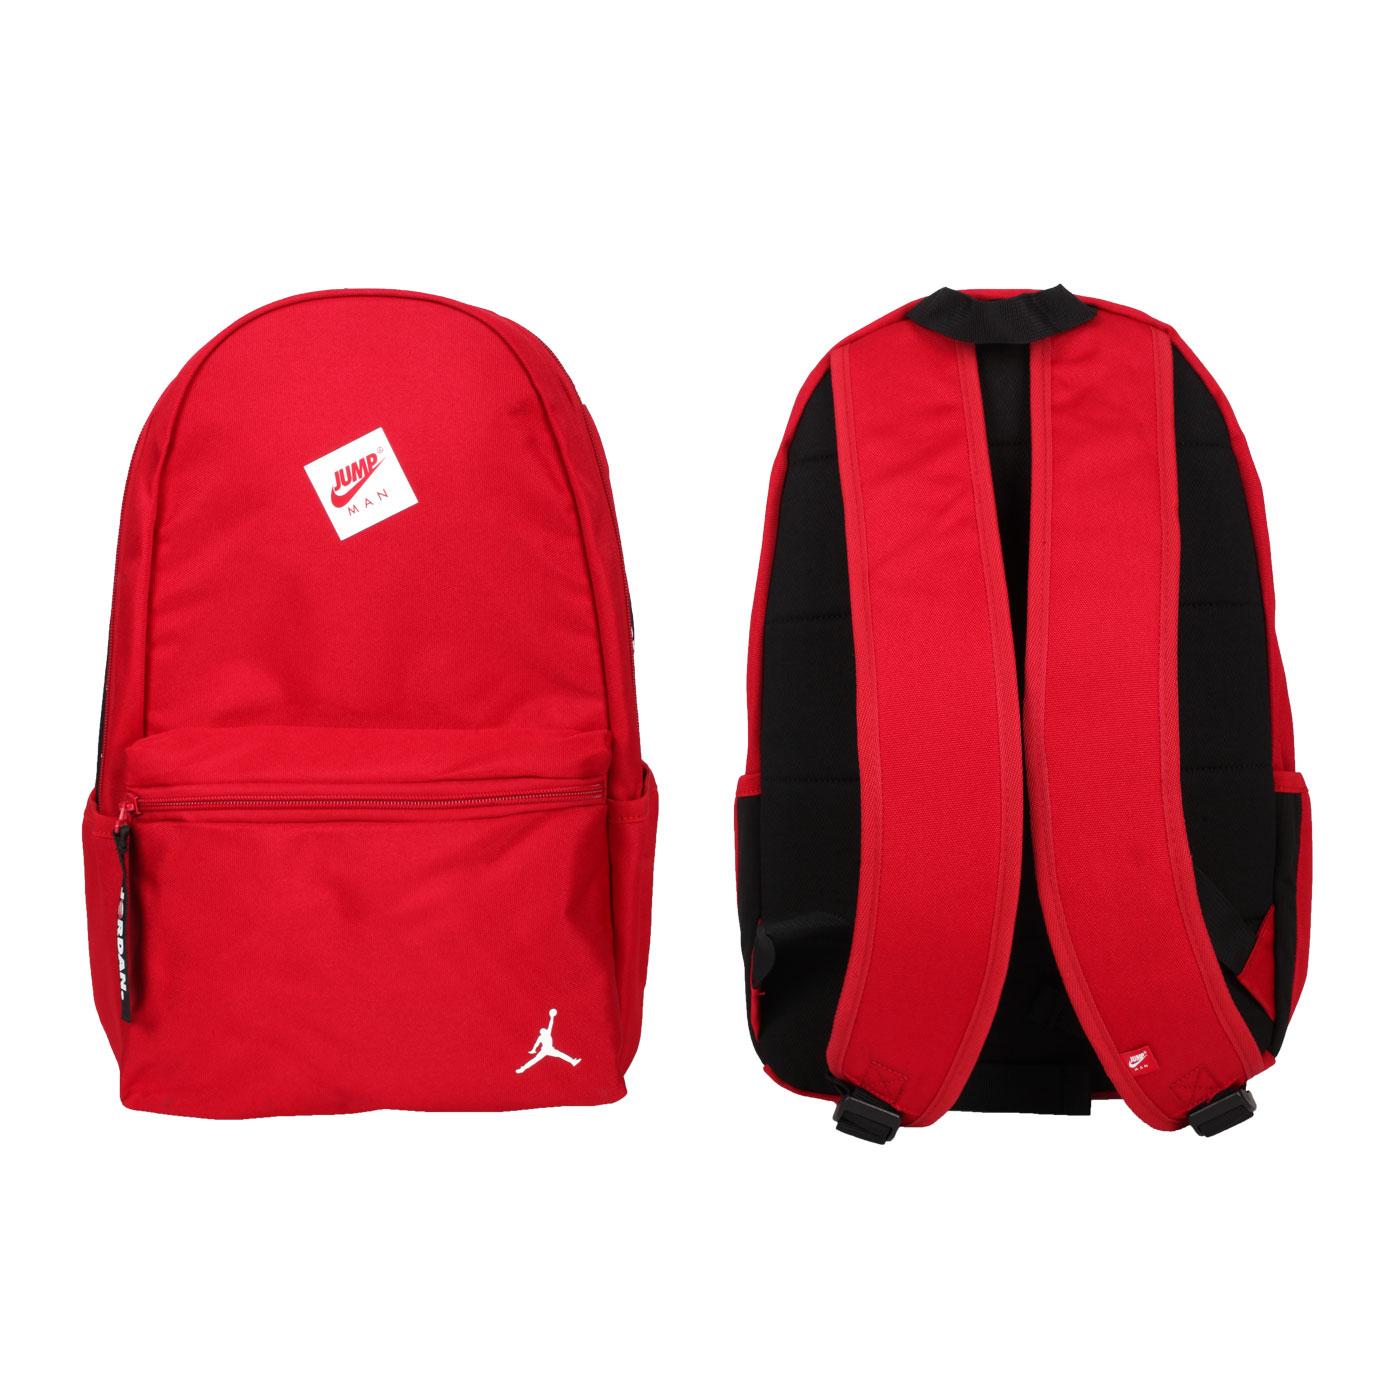 NIKE JORDAN 雙肩包 JD2113007AD-002 - 紅黑白